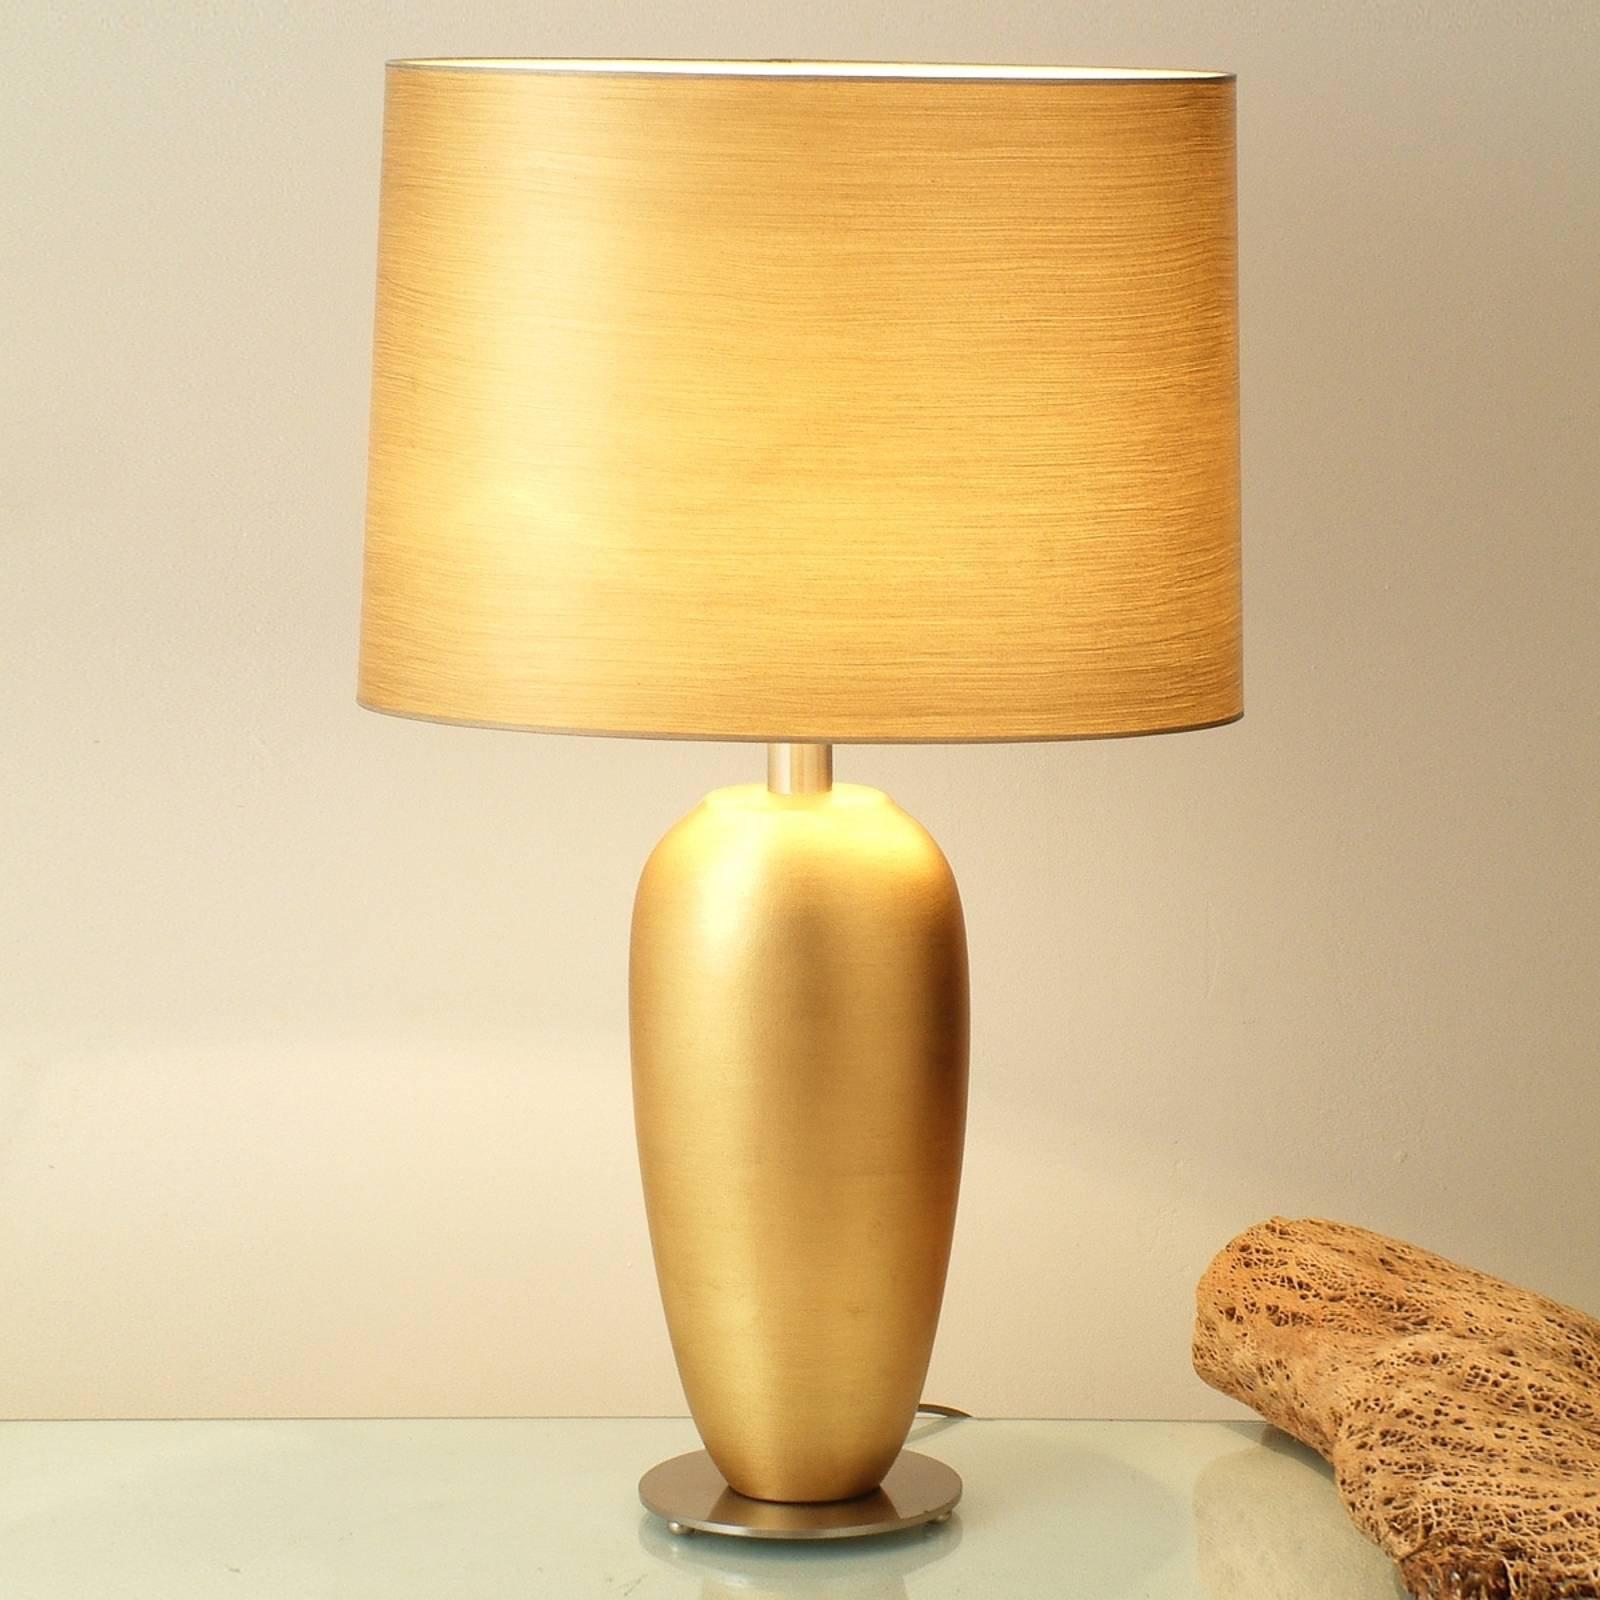 Klassisk EPSILON gull bordlampe, høyde 65 cm